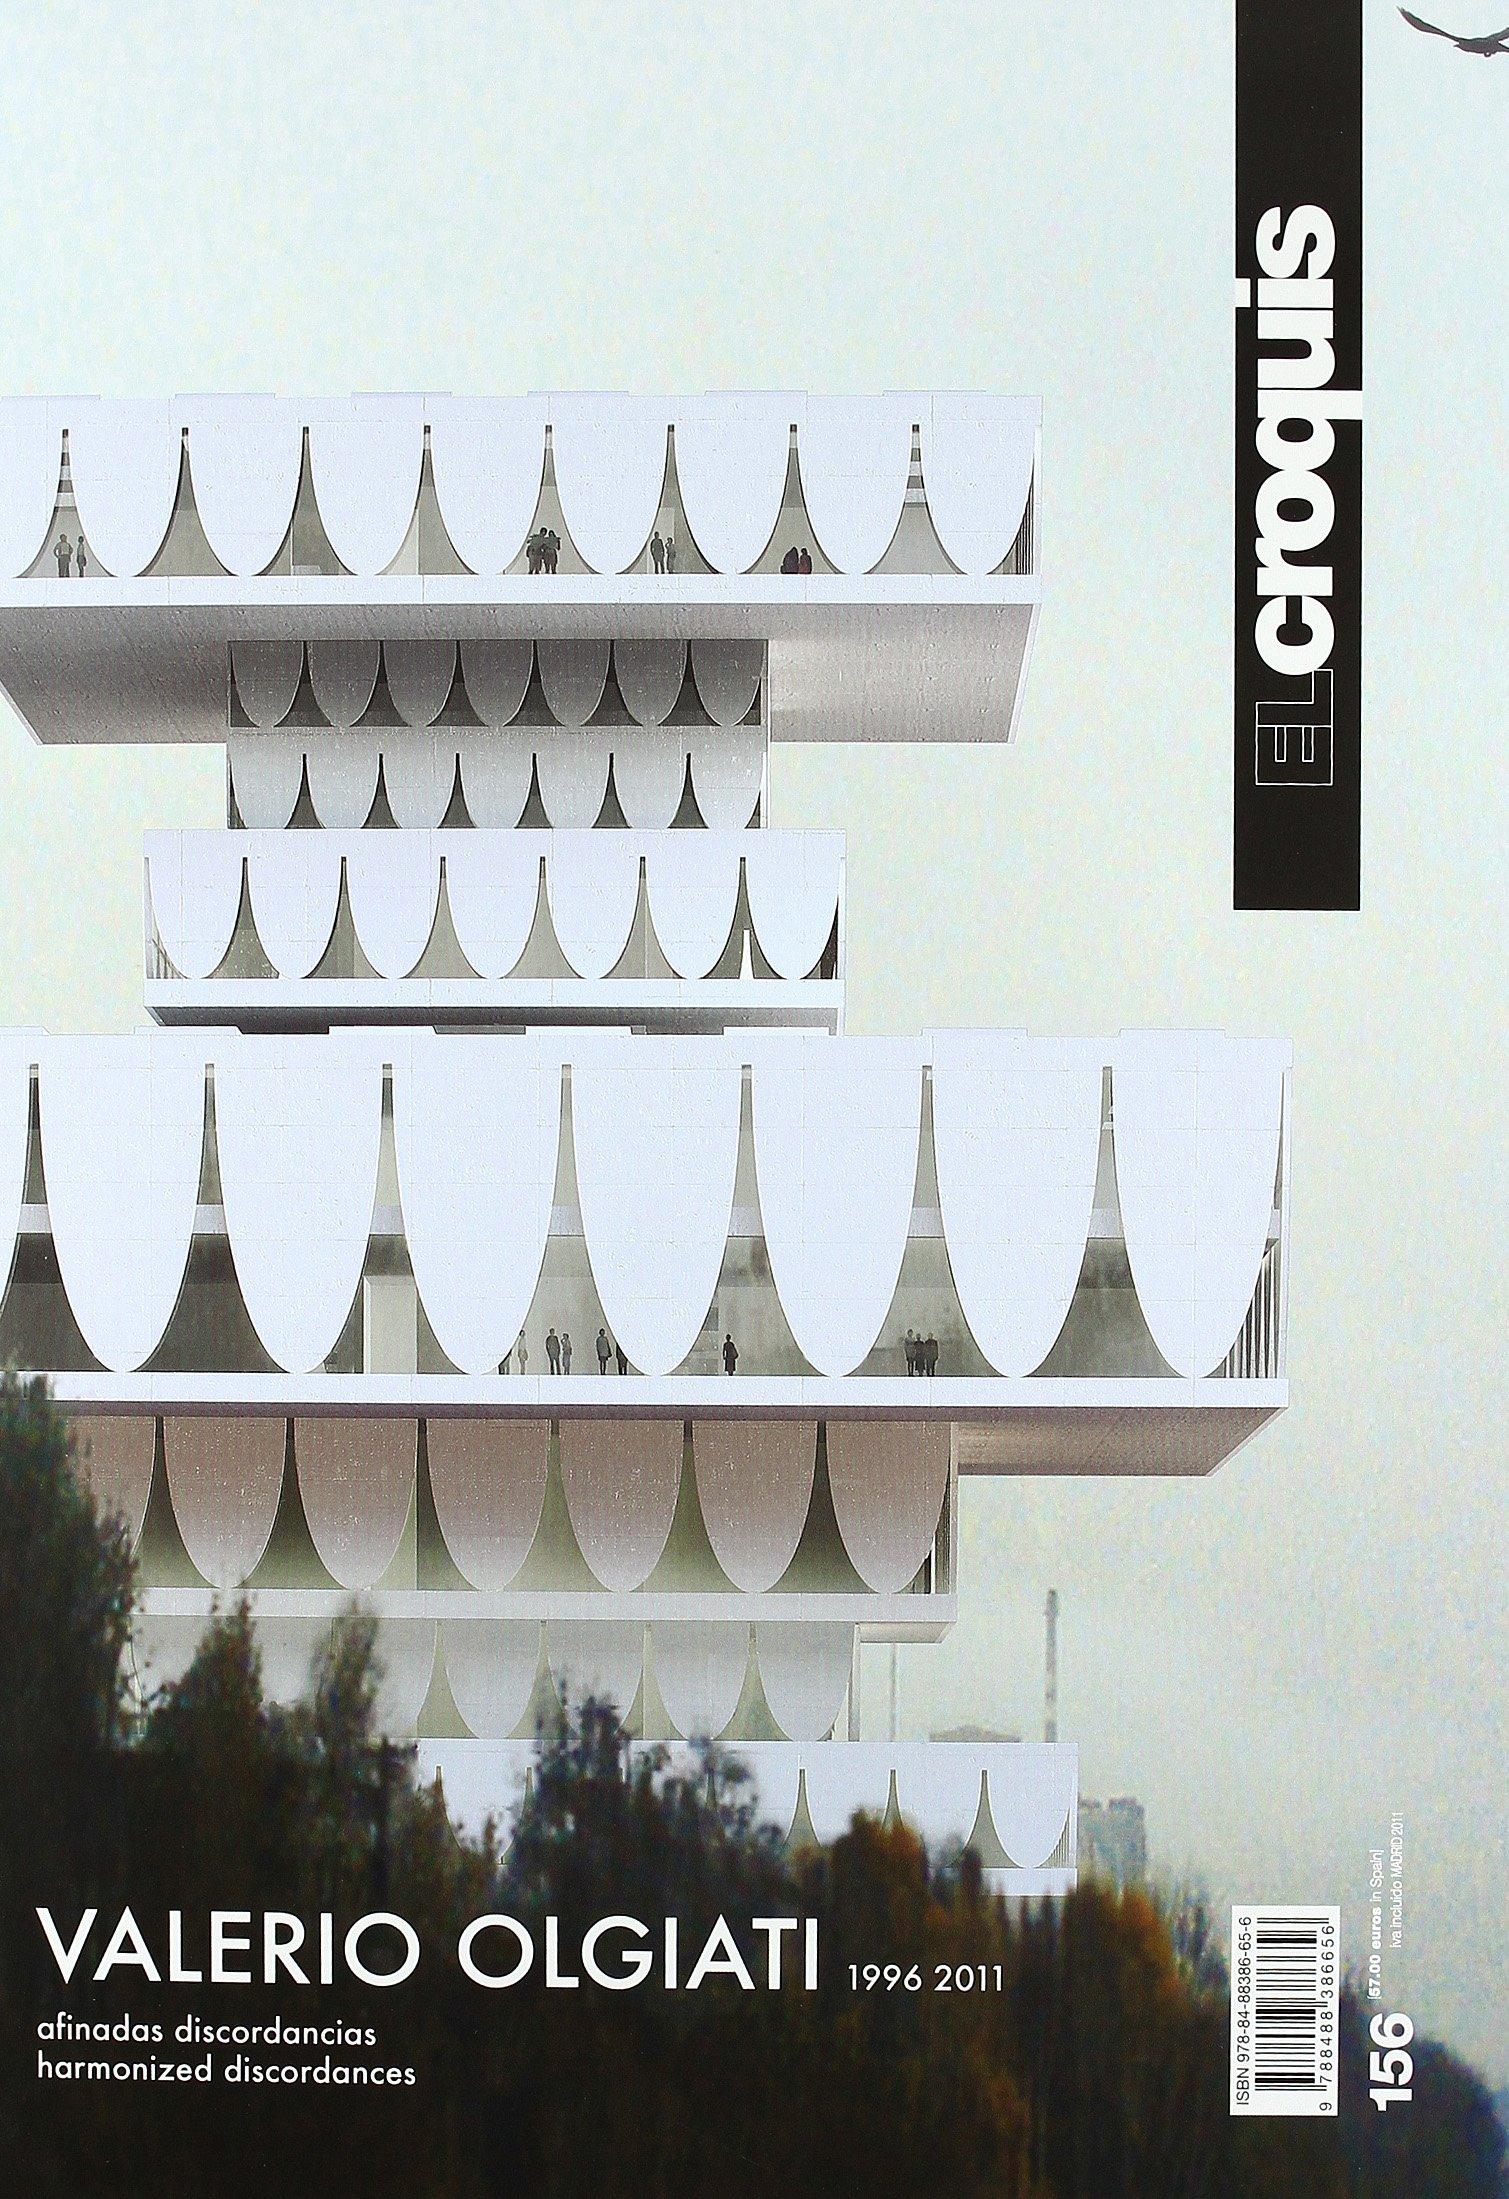 Olgiati 1996-2011. Ediz. inglese e spagnola: 156 (Inglese) Copertina flessibile – 2 ago 2011 Valerio Olgiati El Croquis 8488386656 Arquitectura